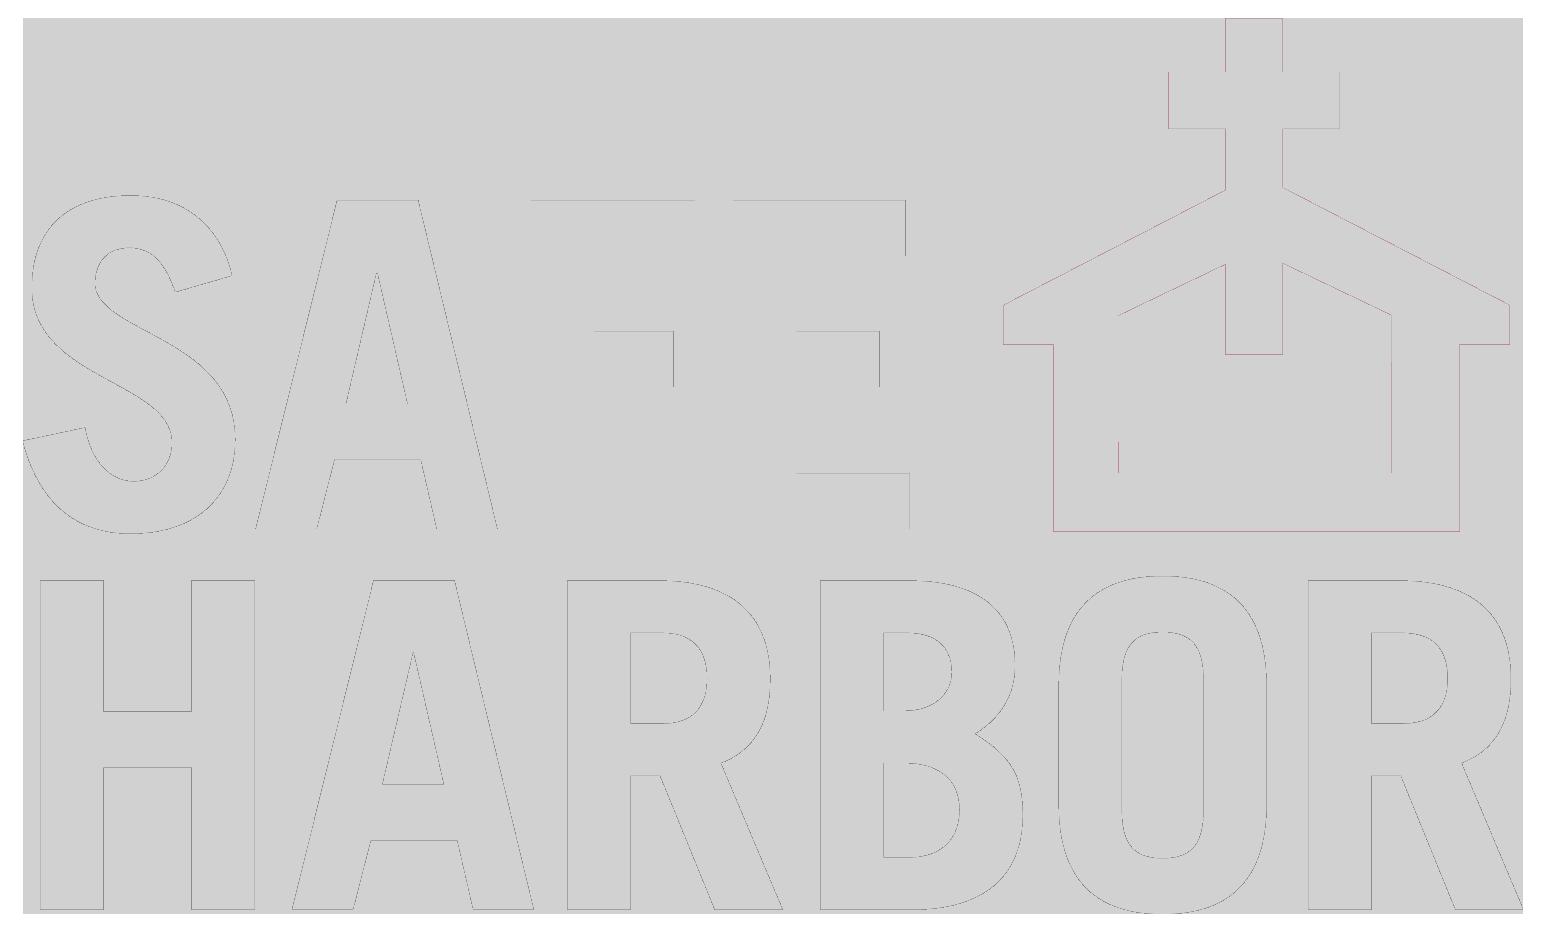 Safe Harbor Emergency Shelter